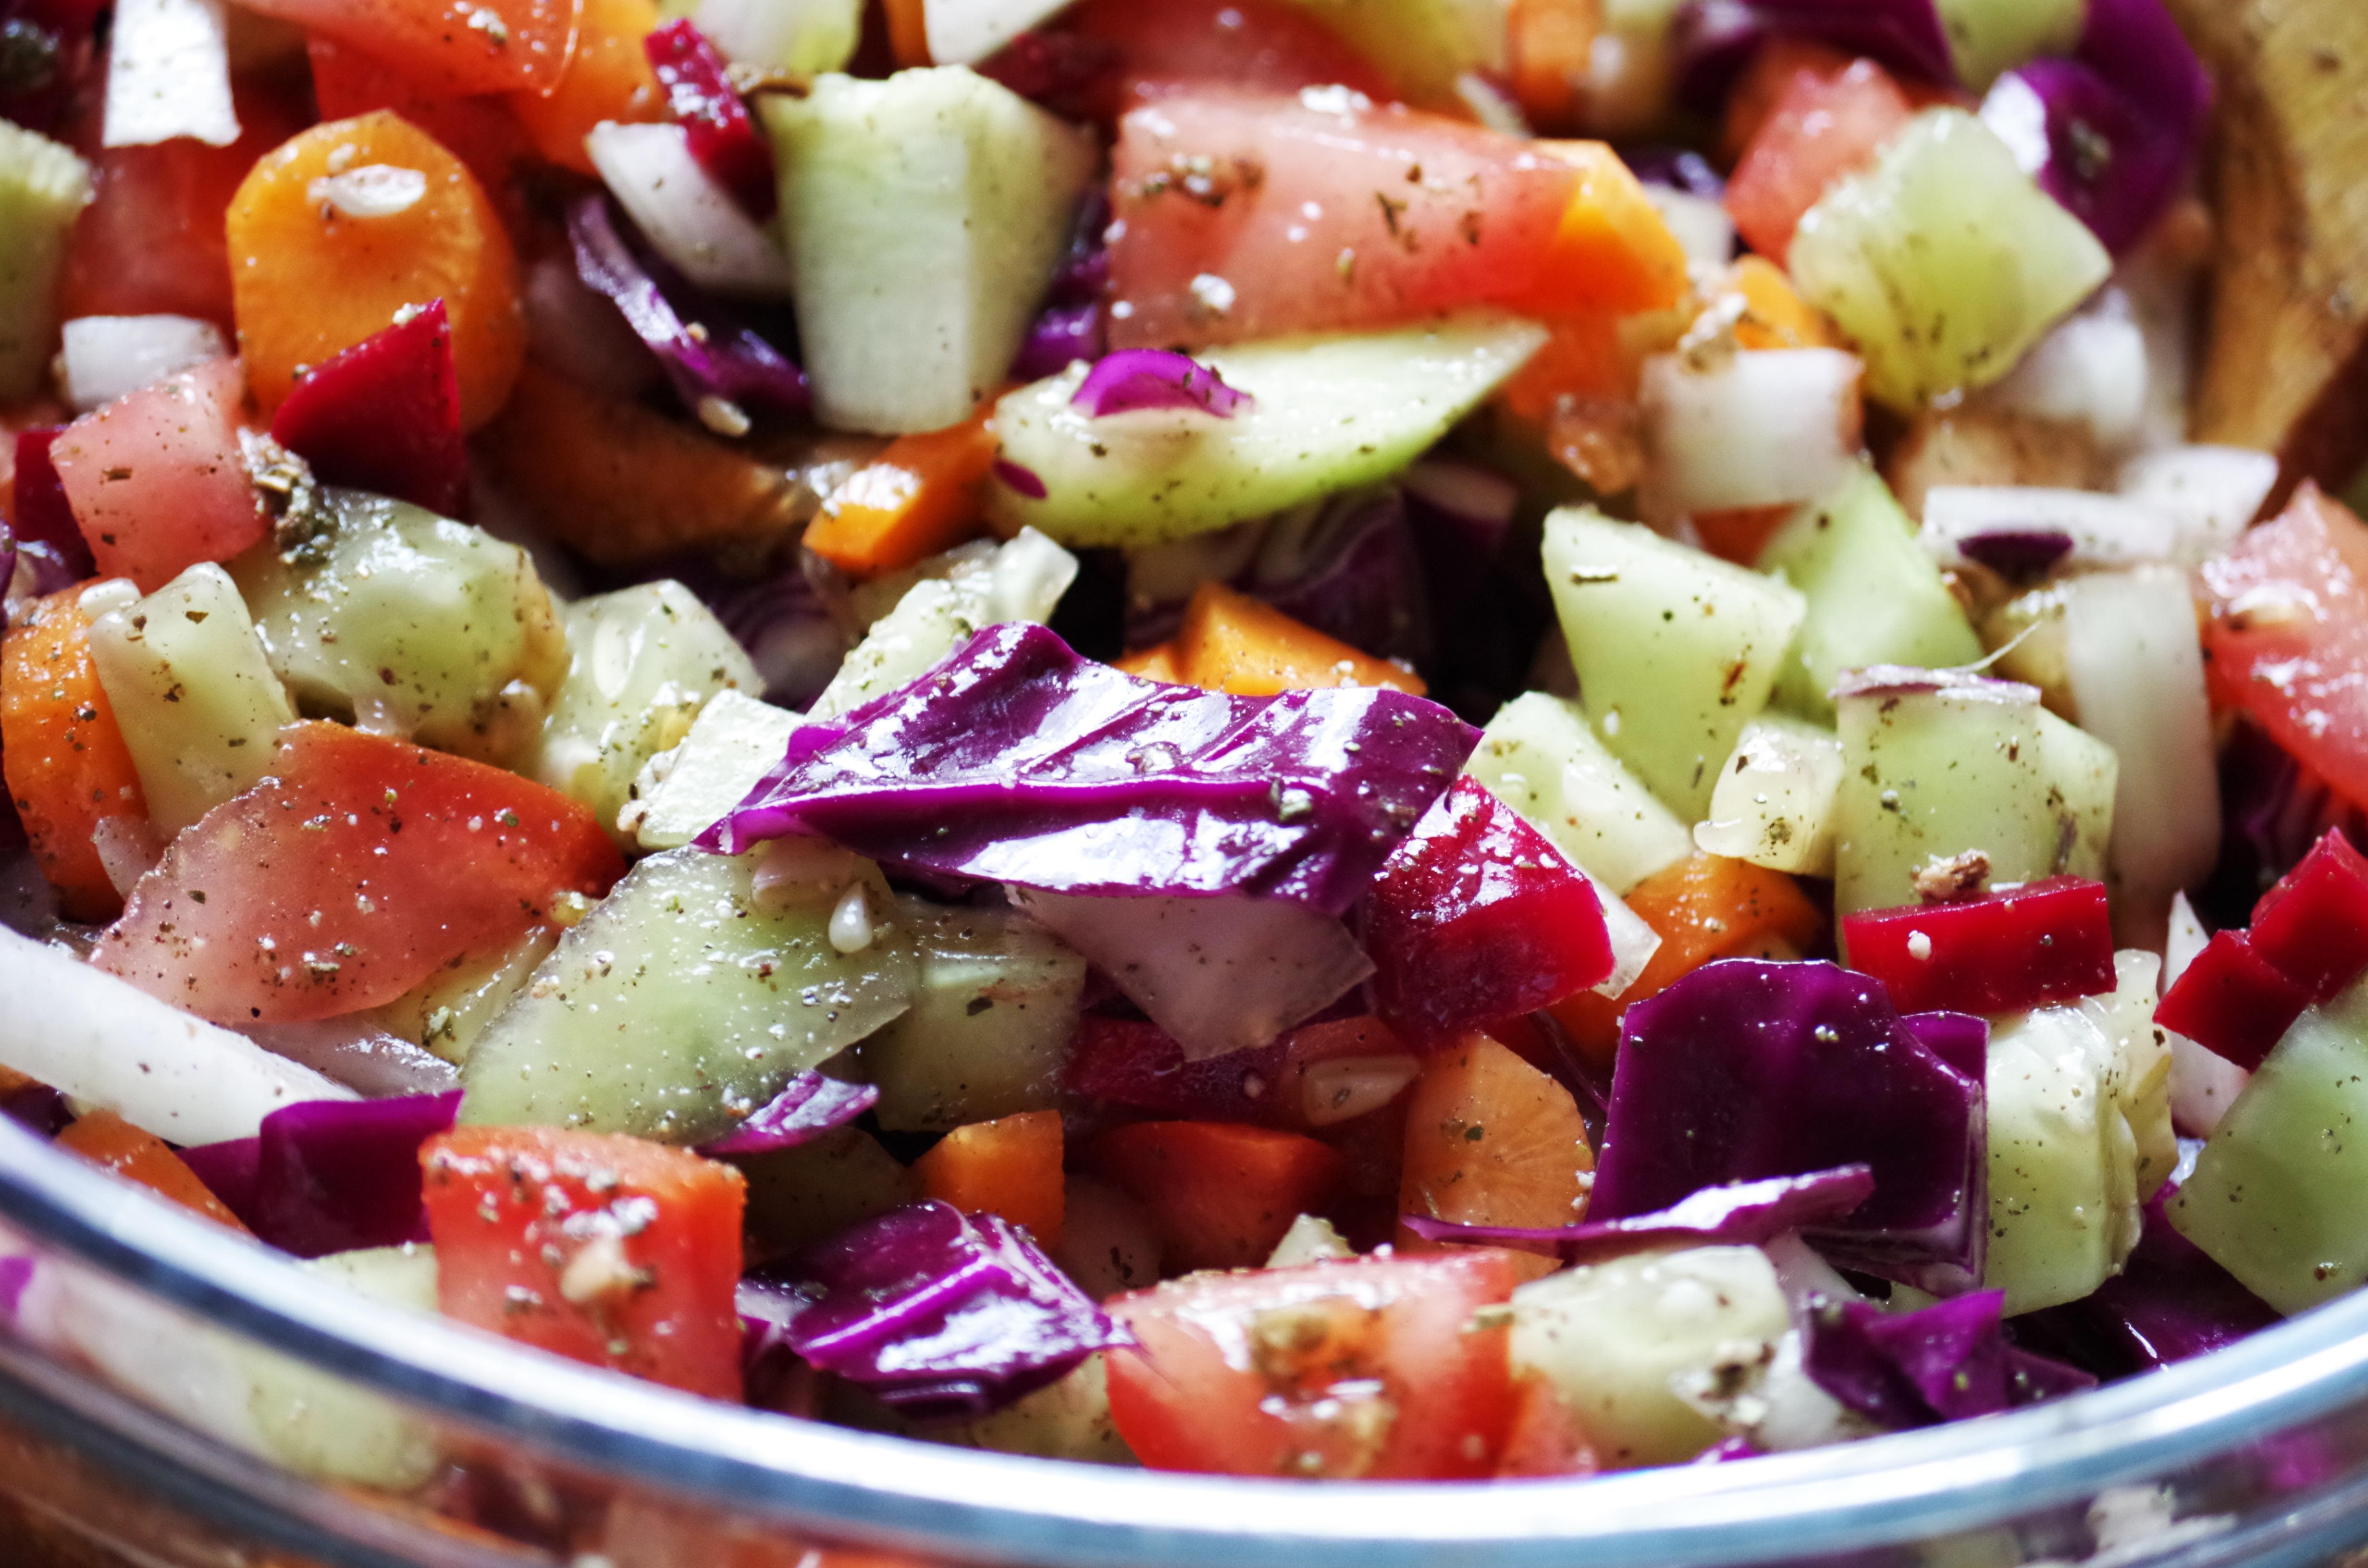 легкие овощные блюда с фото покончил жизнь самоубийством